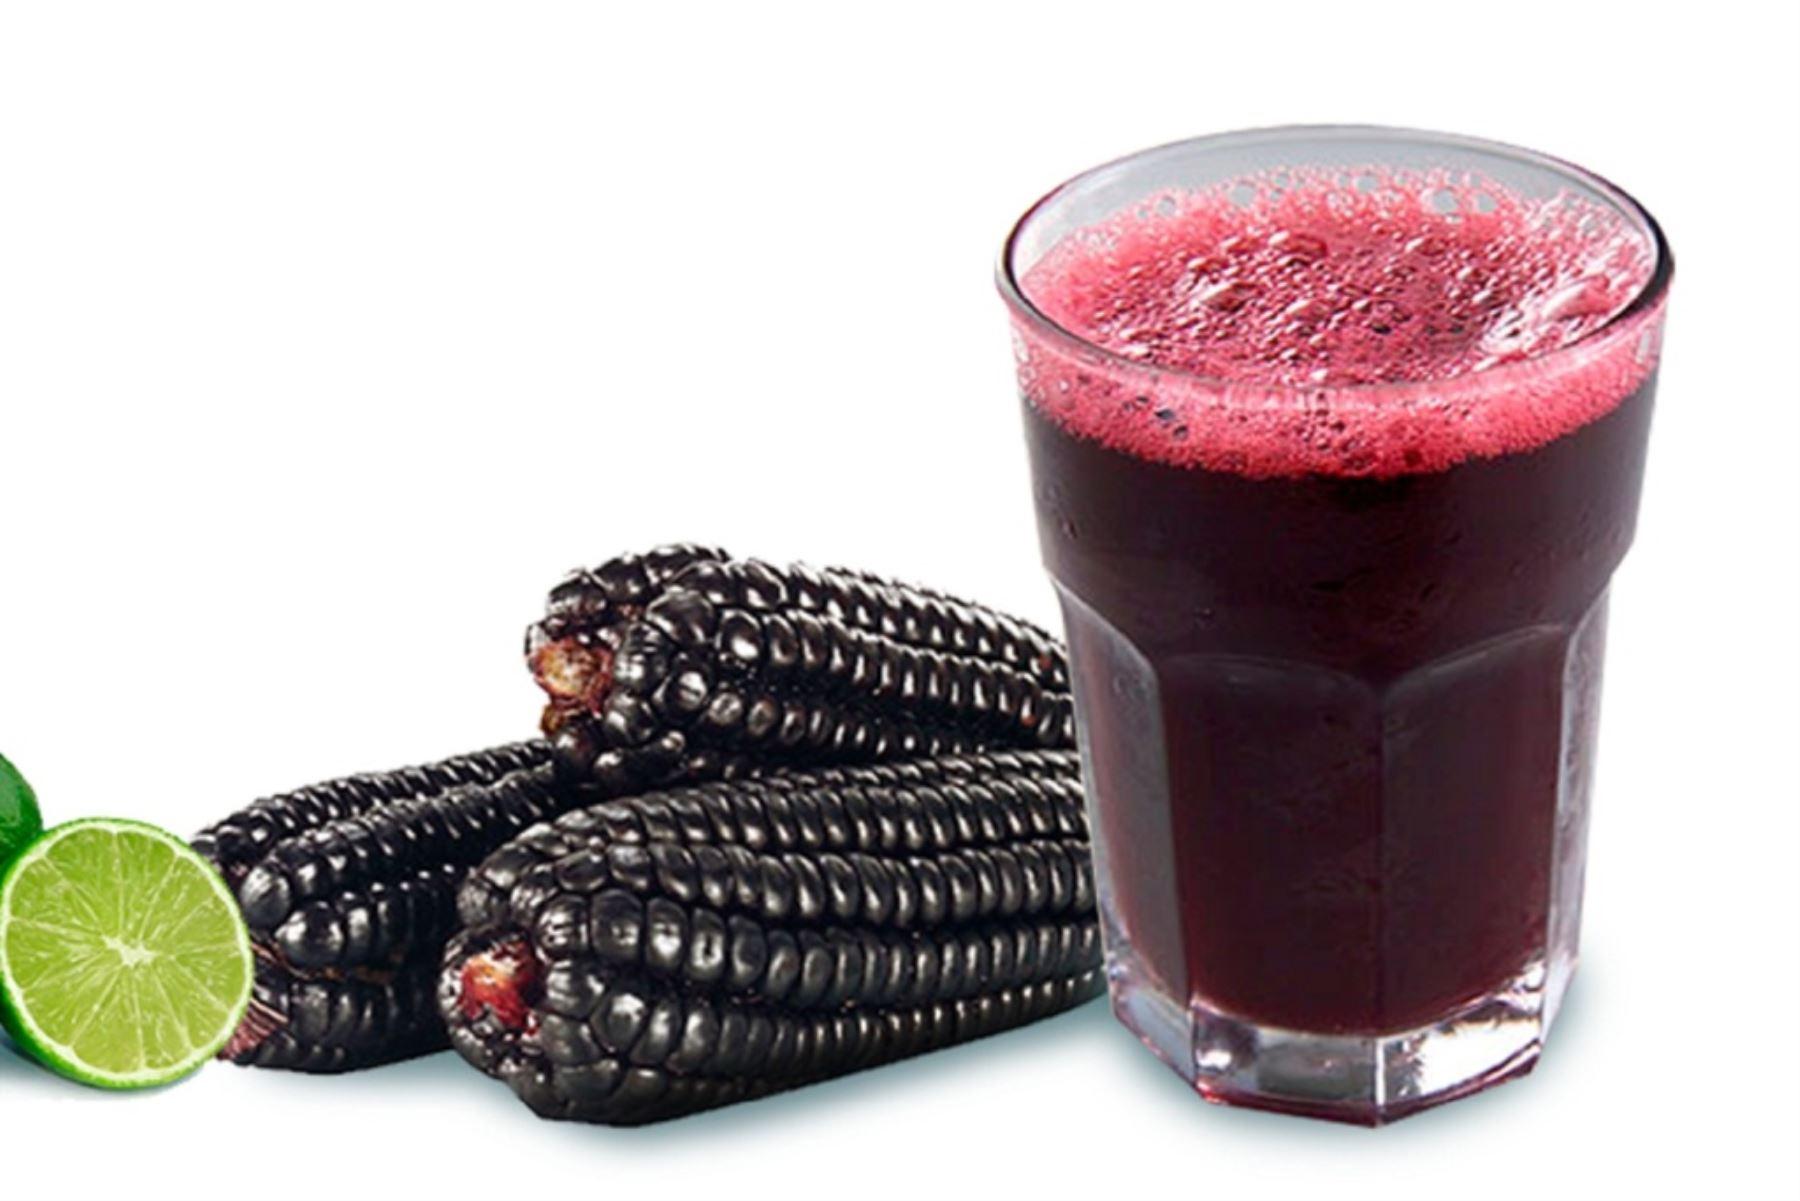 Maíz morado ayuda a prevenir cáncer de colon y enfermedades cardiovasculares. Foto: ANDINA/Difusión.